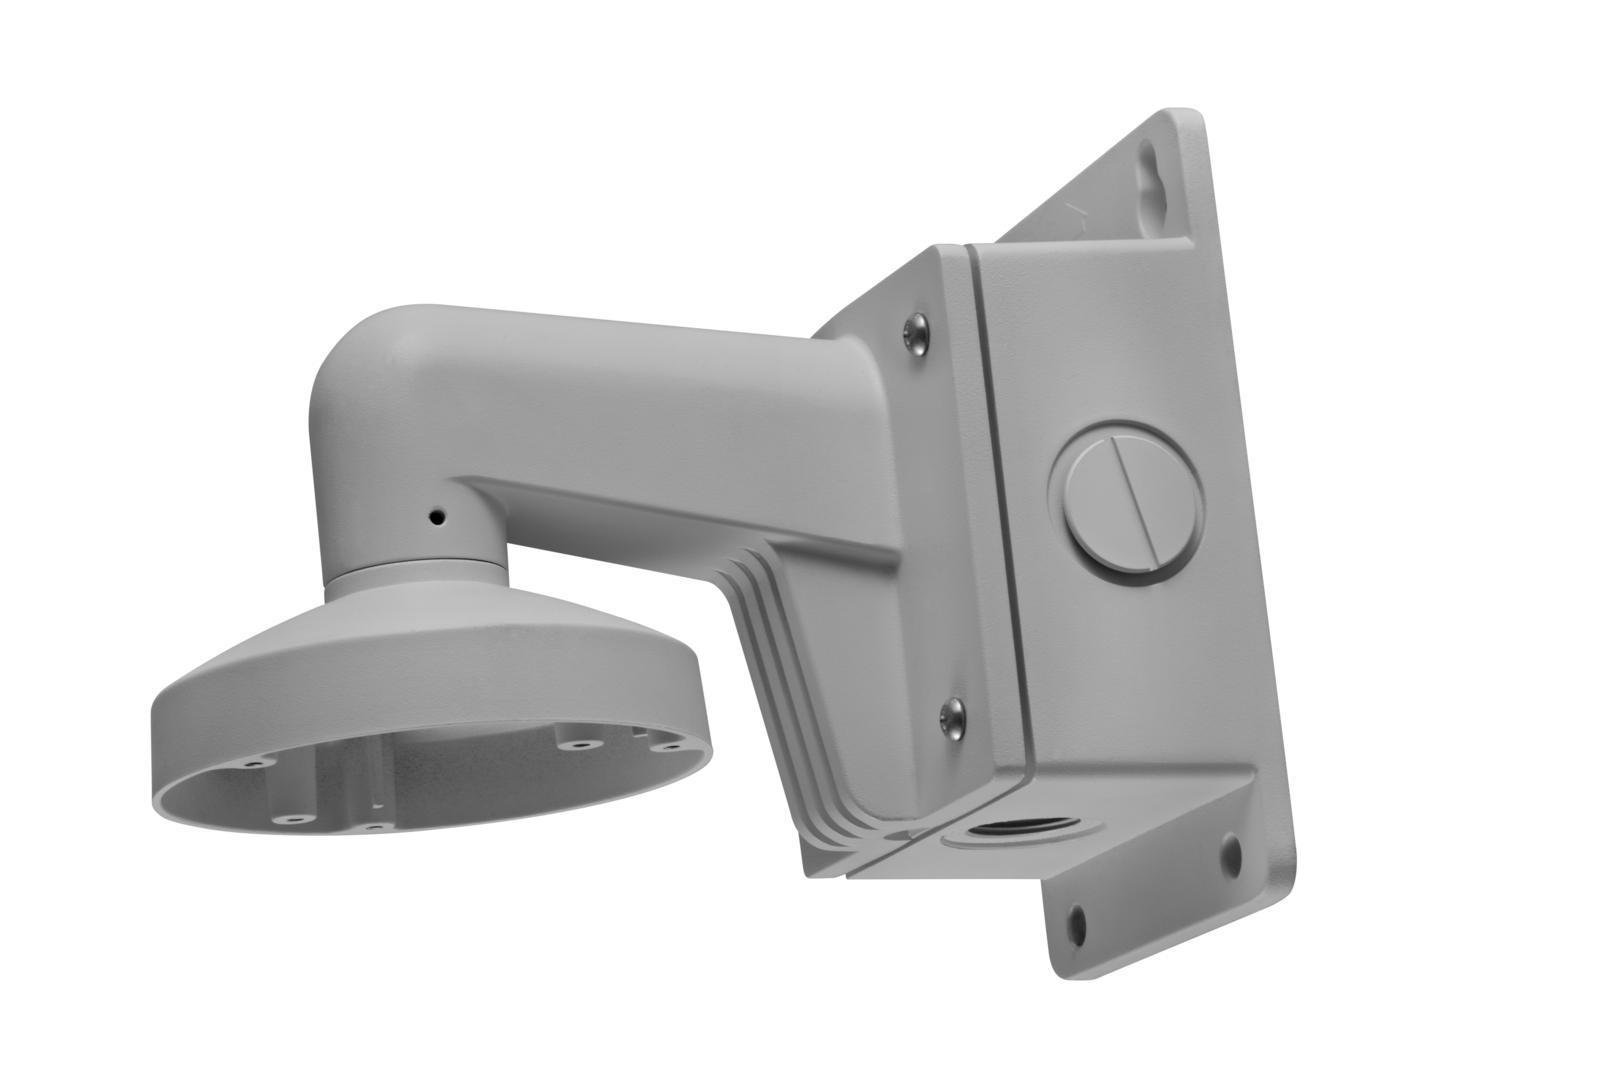 SICE Distributore Ufficiale  ACCESSORI HIKVISION Staffa da parete con boxposteriore in alluminio colore bianco | DS-1272ZJ-110B